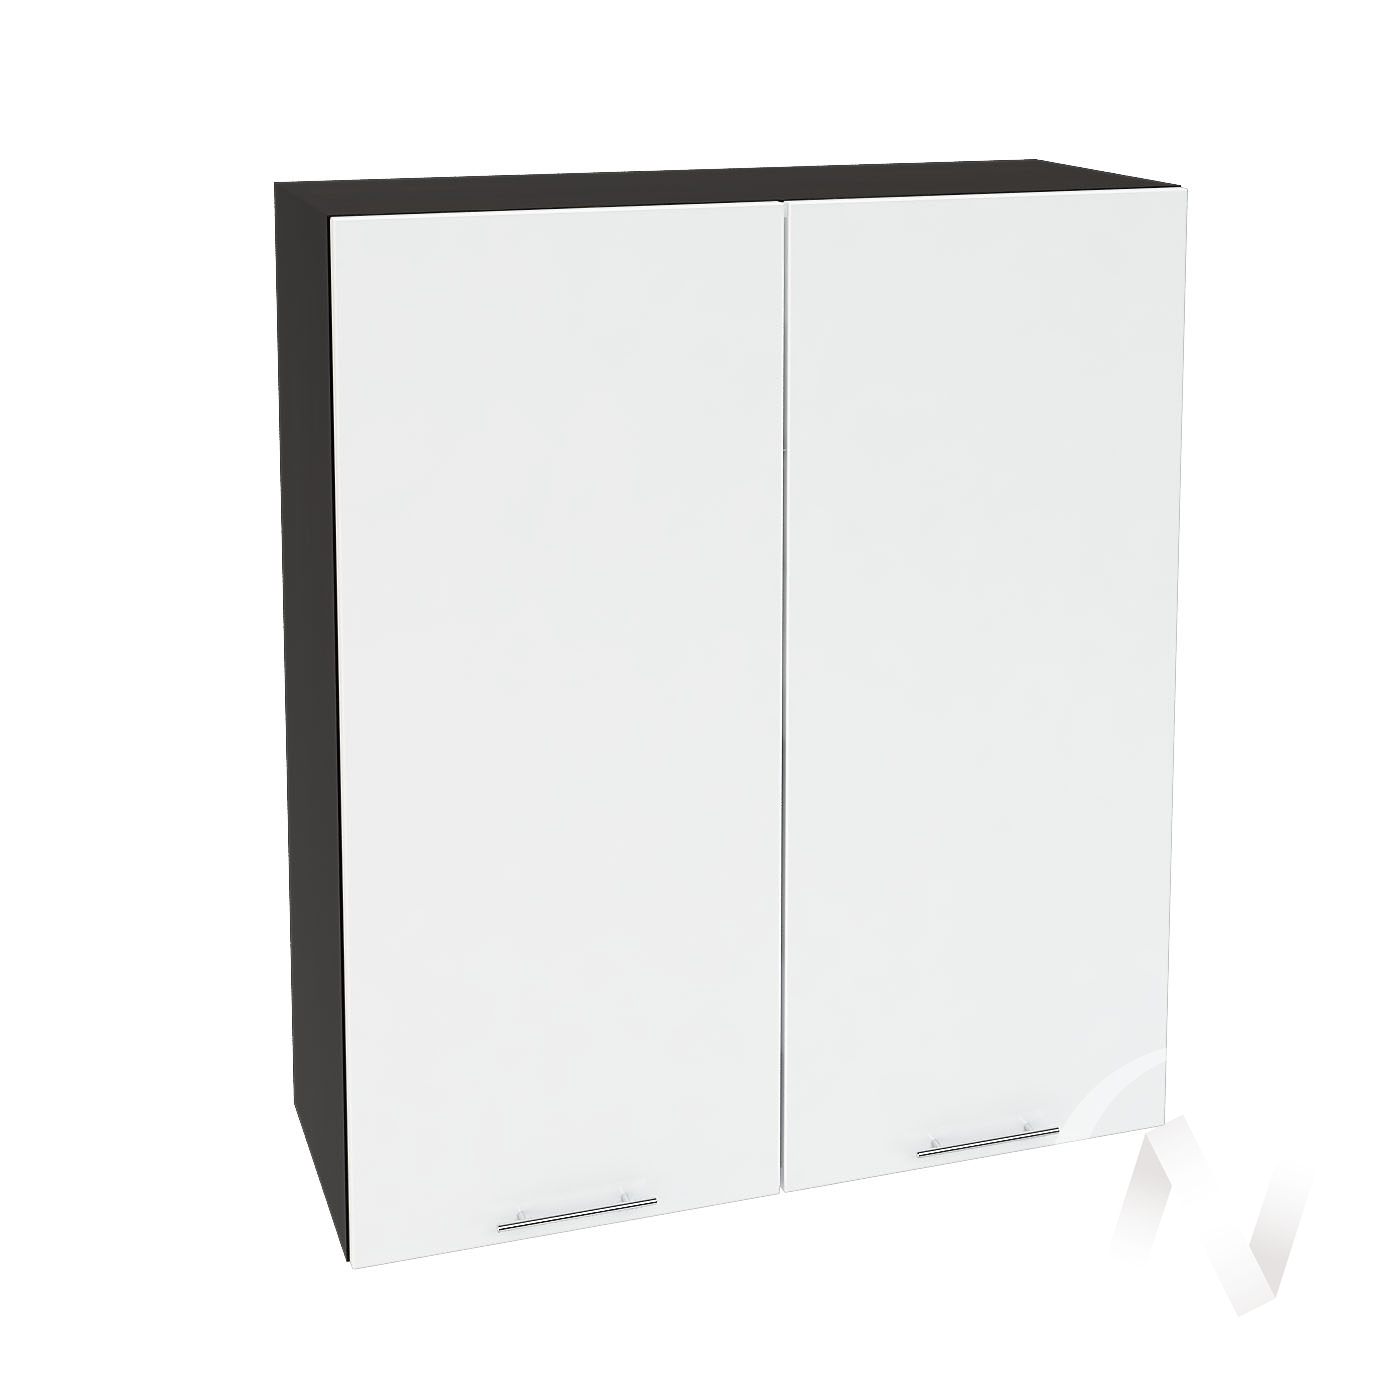 """Кухня """"Валерия-М"""": Шкаф верхний 809, ШВ 809 (белый глянец/корпус венге)"""